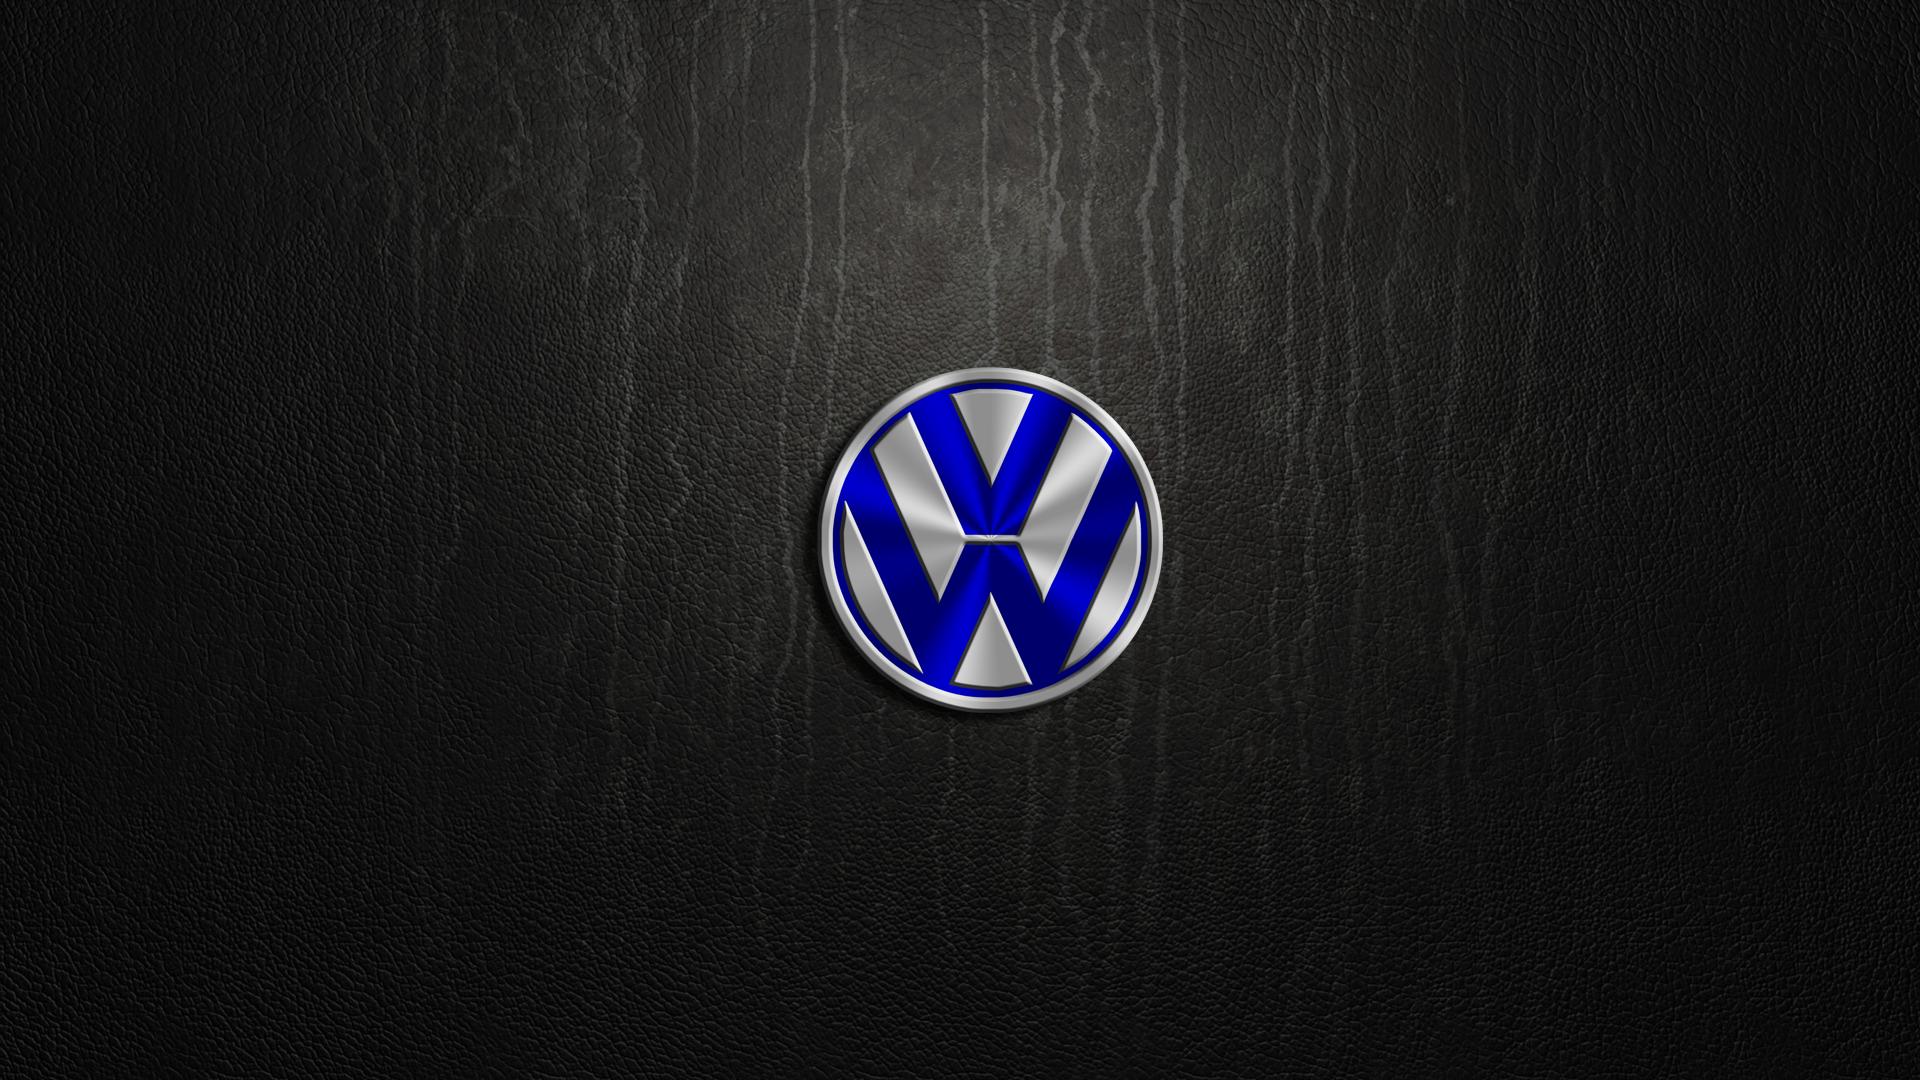 Fahrzeuge   Volkswagen Wallpaper 1920x1080